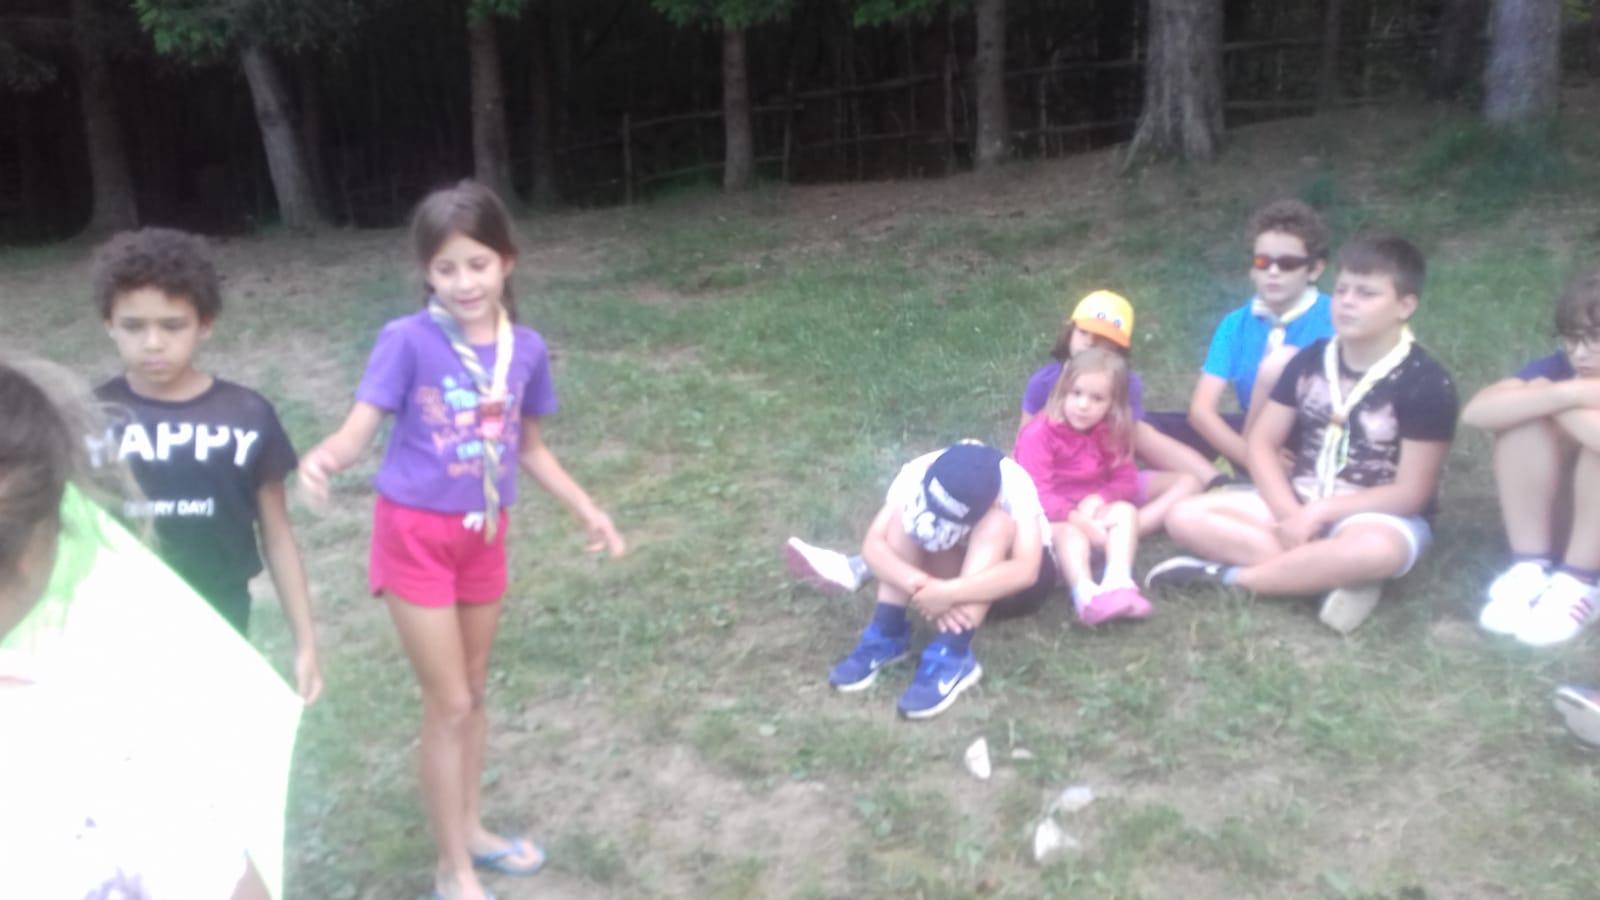 Vacanze di branco 2019 giorno 1 (7)